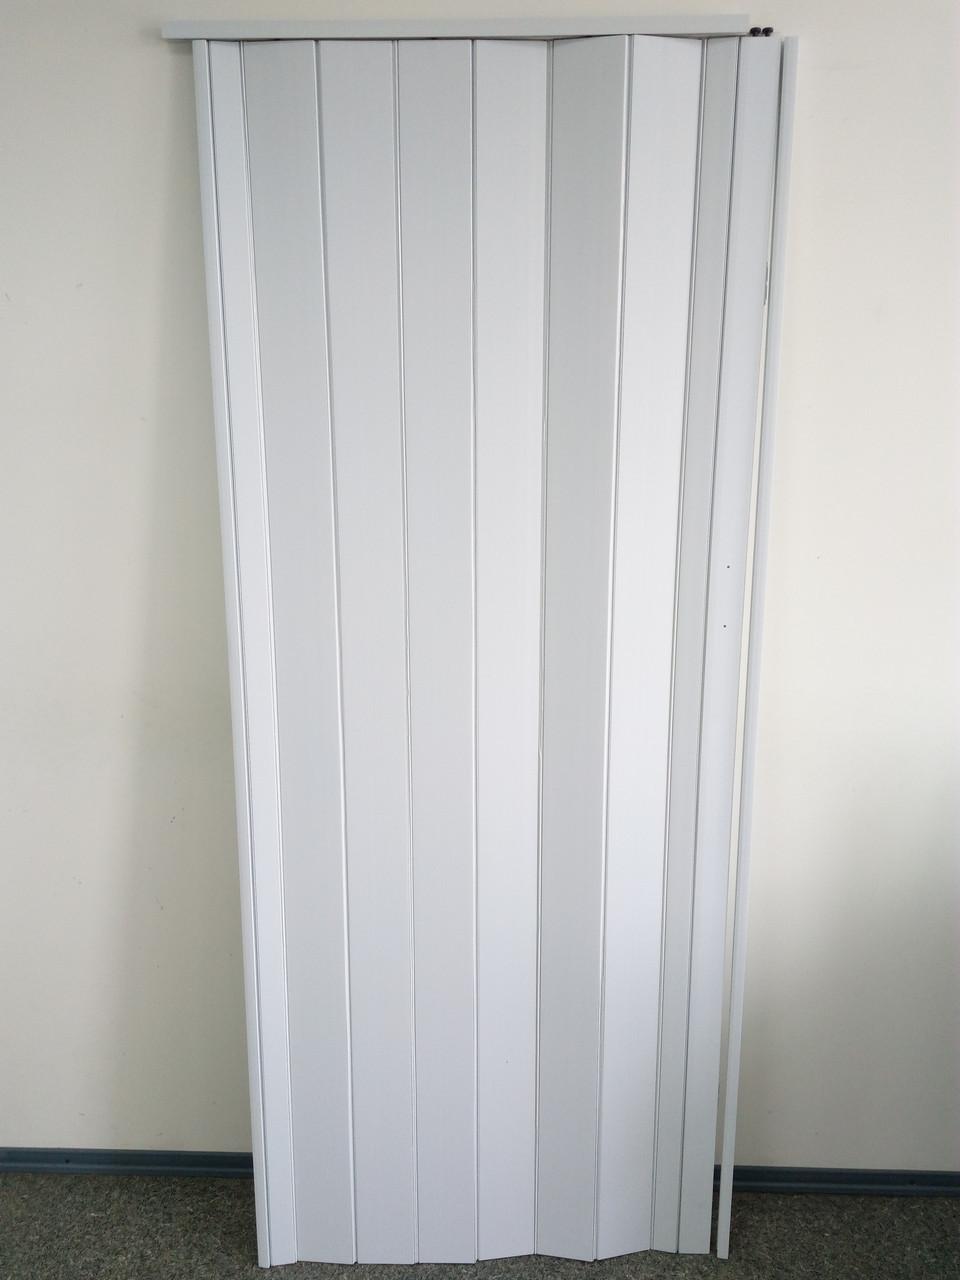 Дверь гармошка межкомнатная глухая, белая 822, 810*2030*6 мм